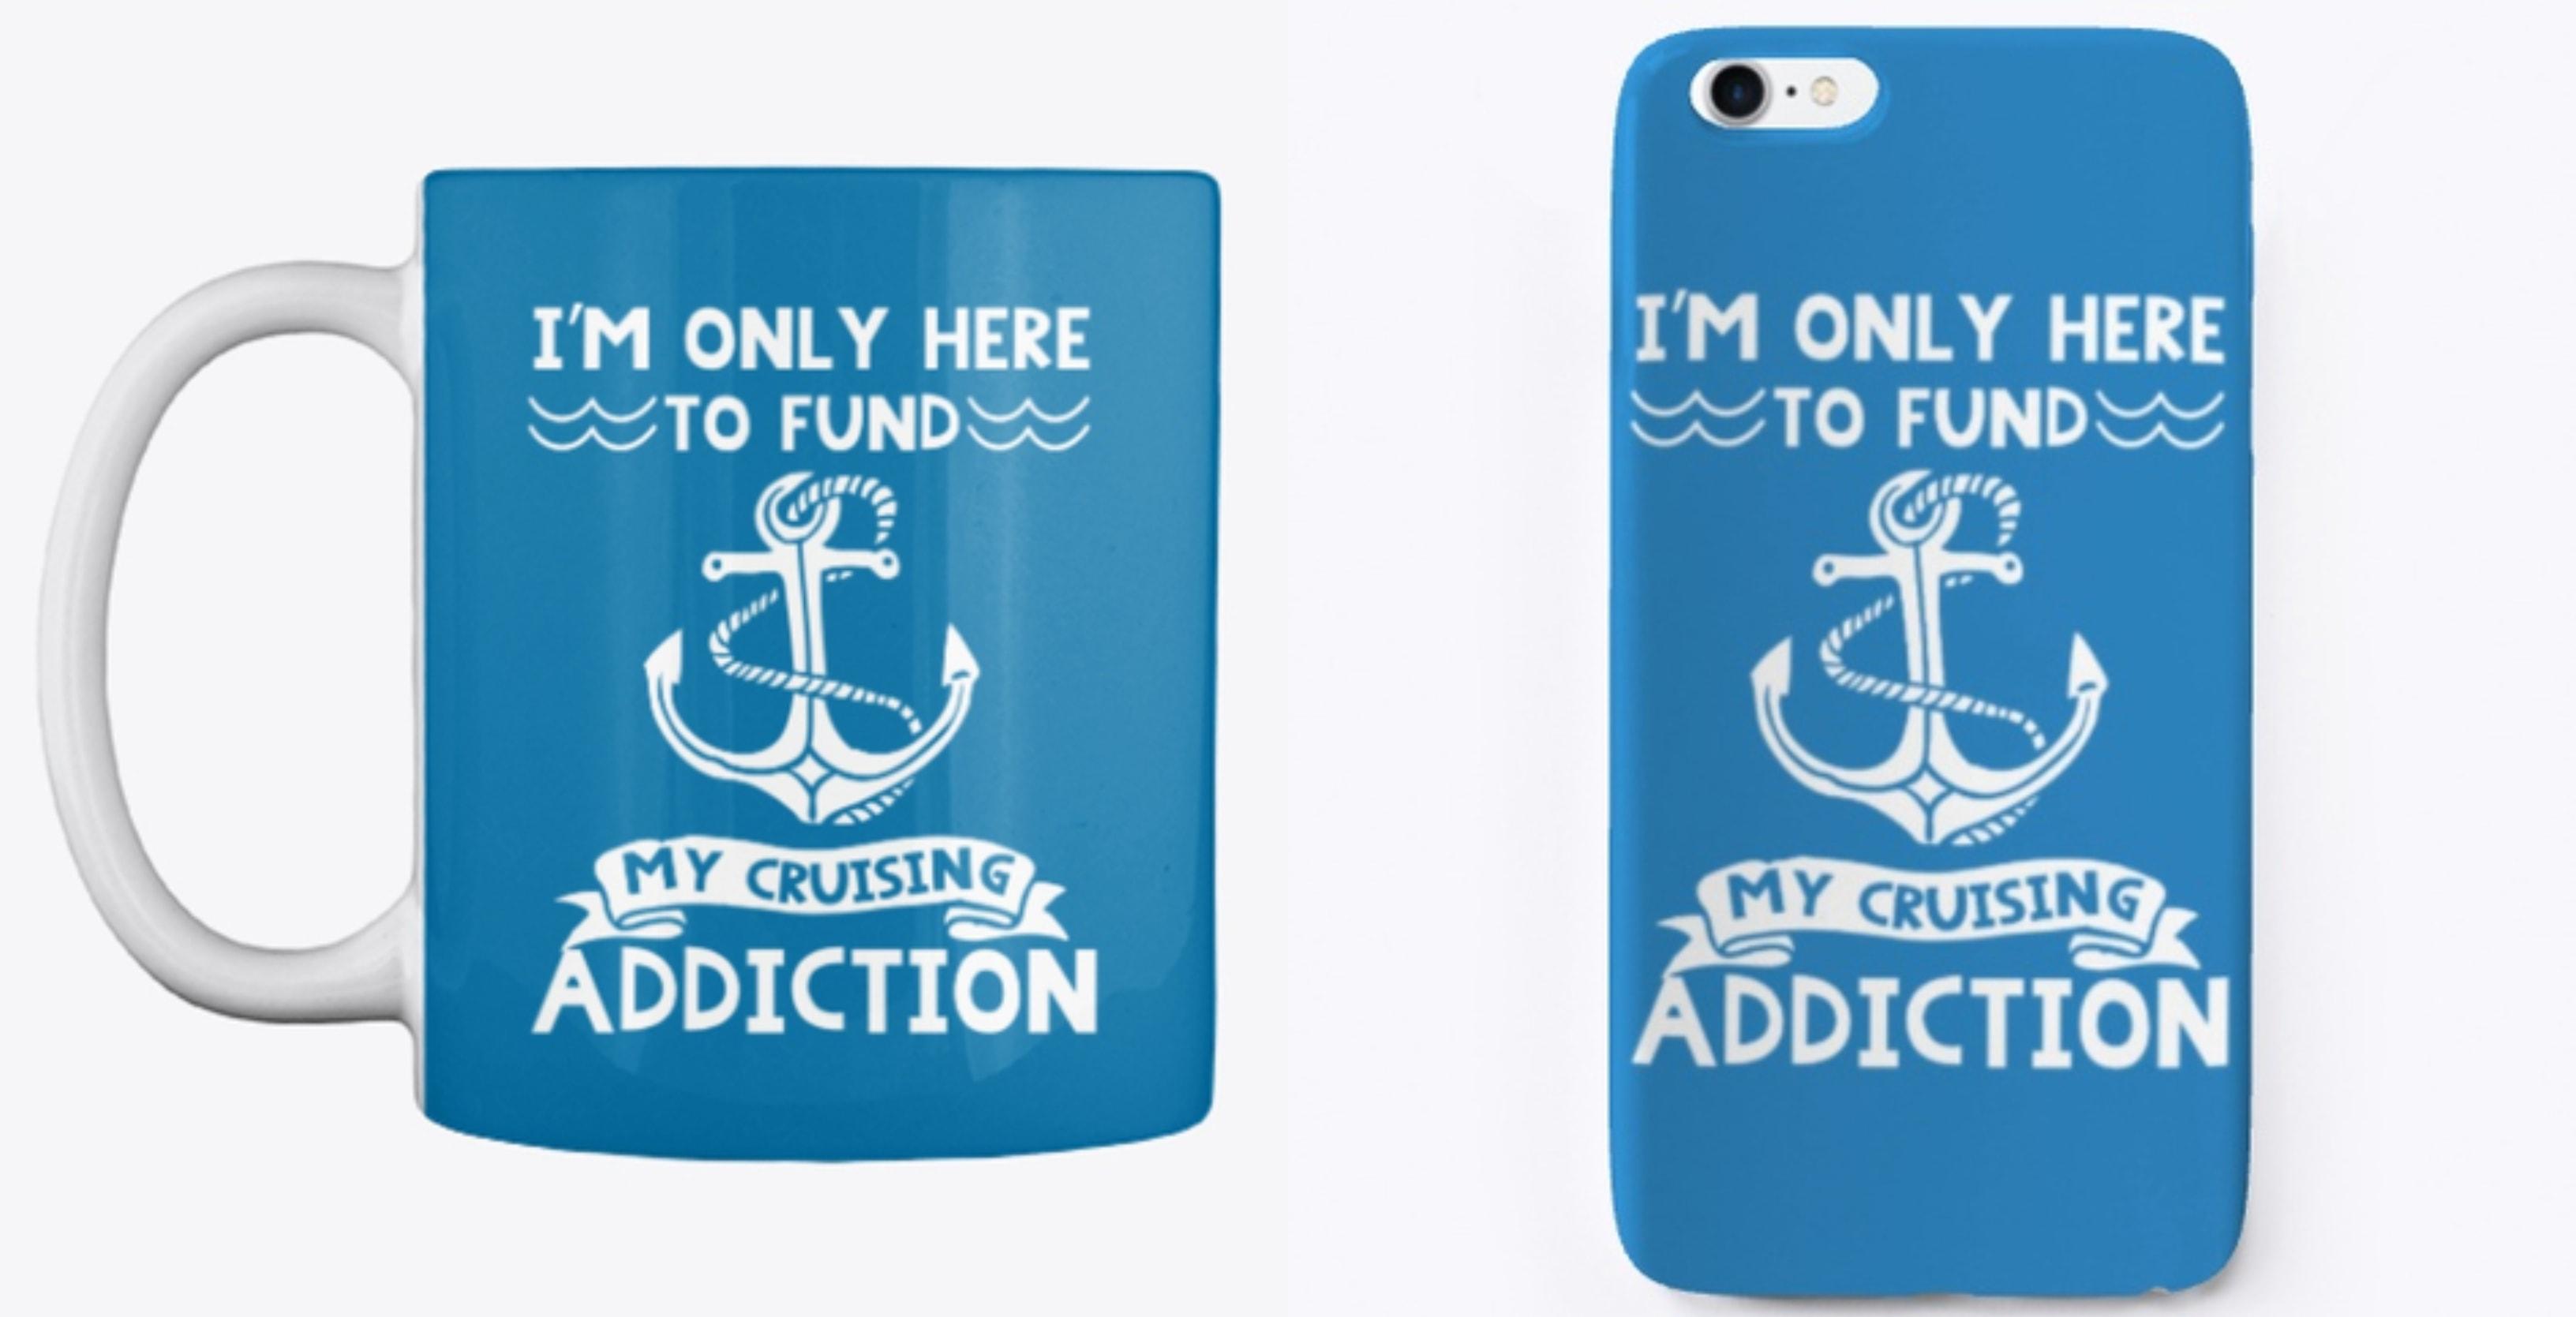 Funny Cruise Mug Phone Case I'm only here to fund my cruising addiction.